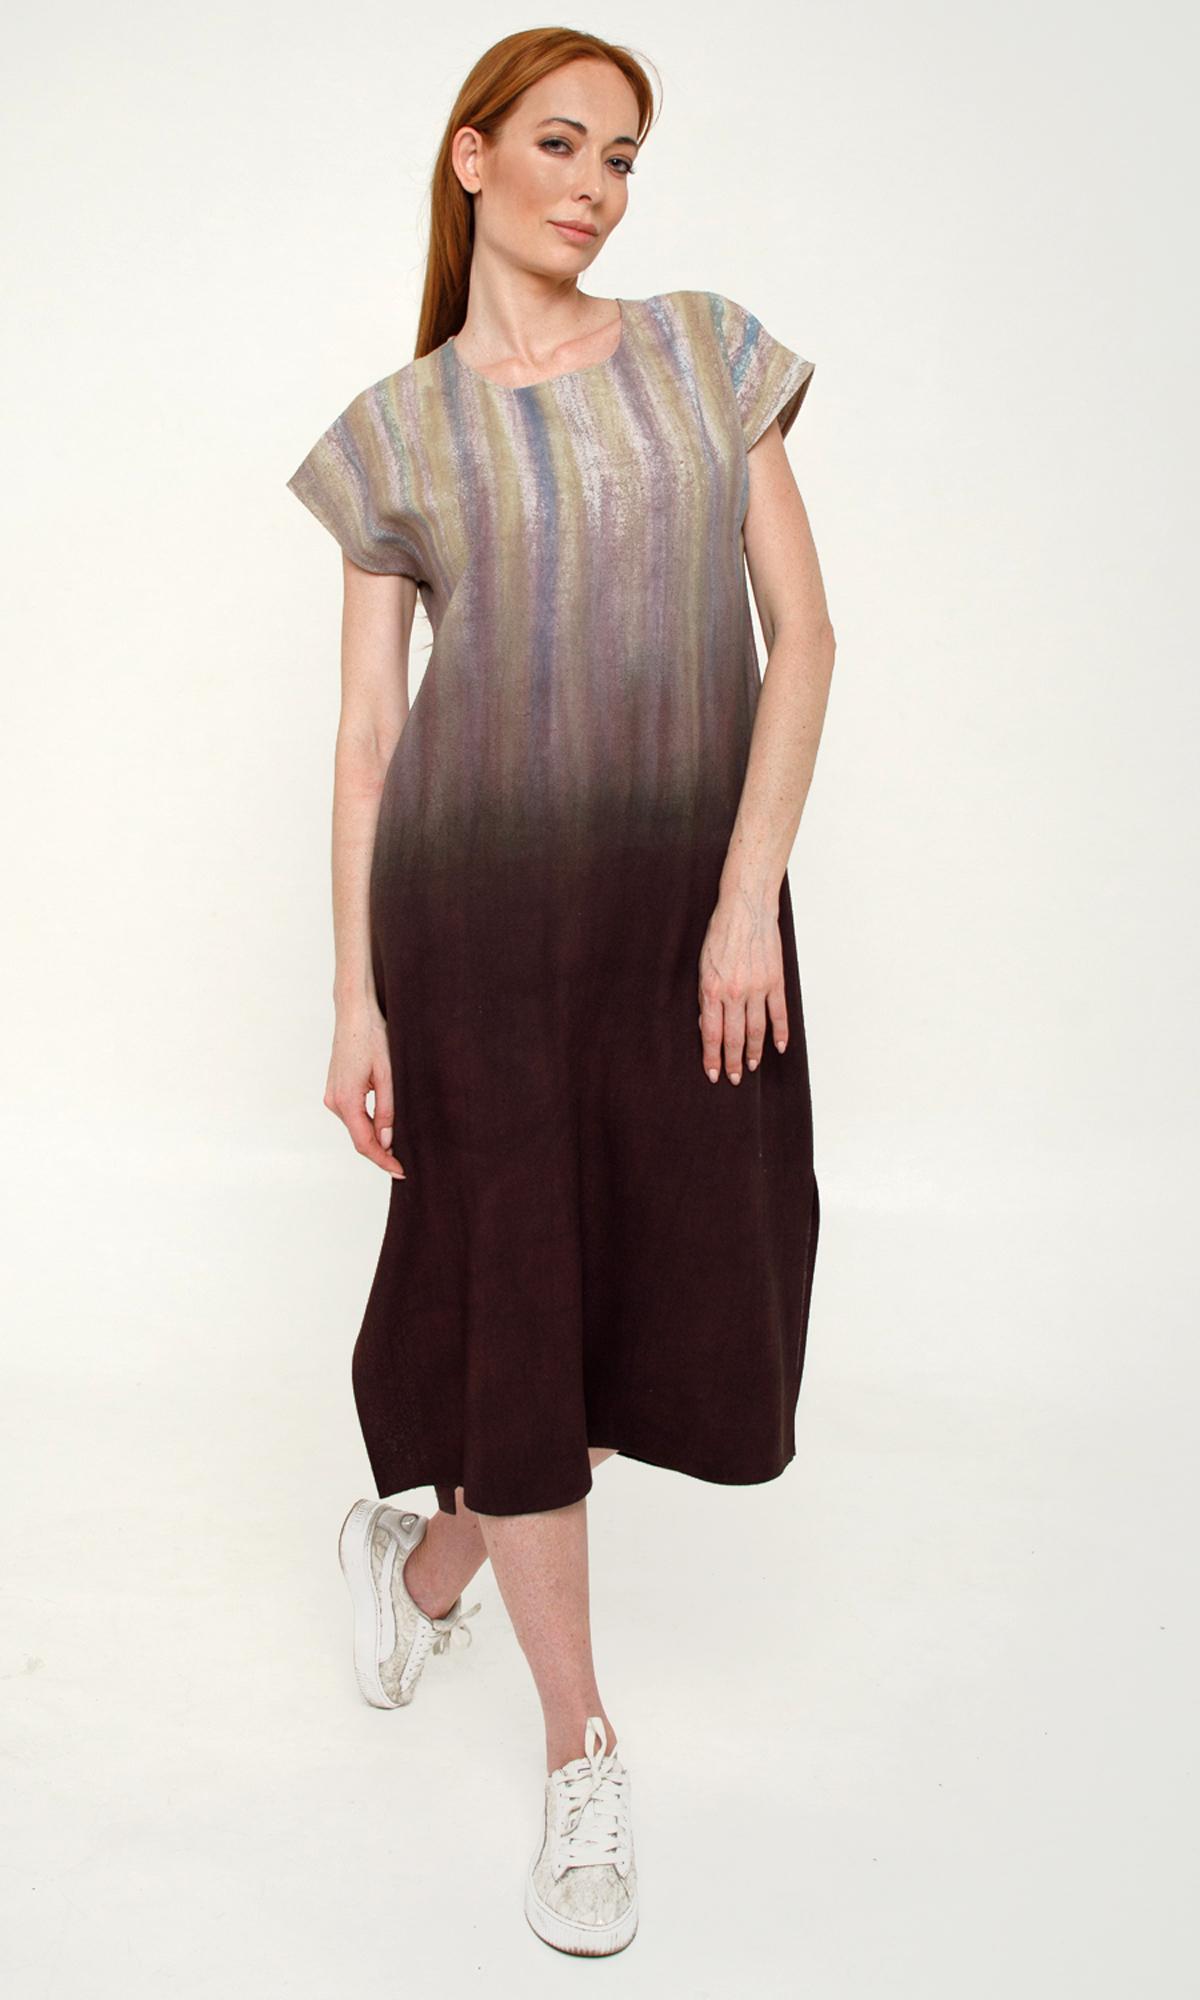 Шелковое платье Шоколад